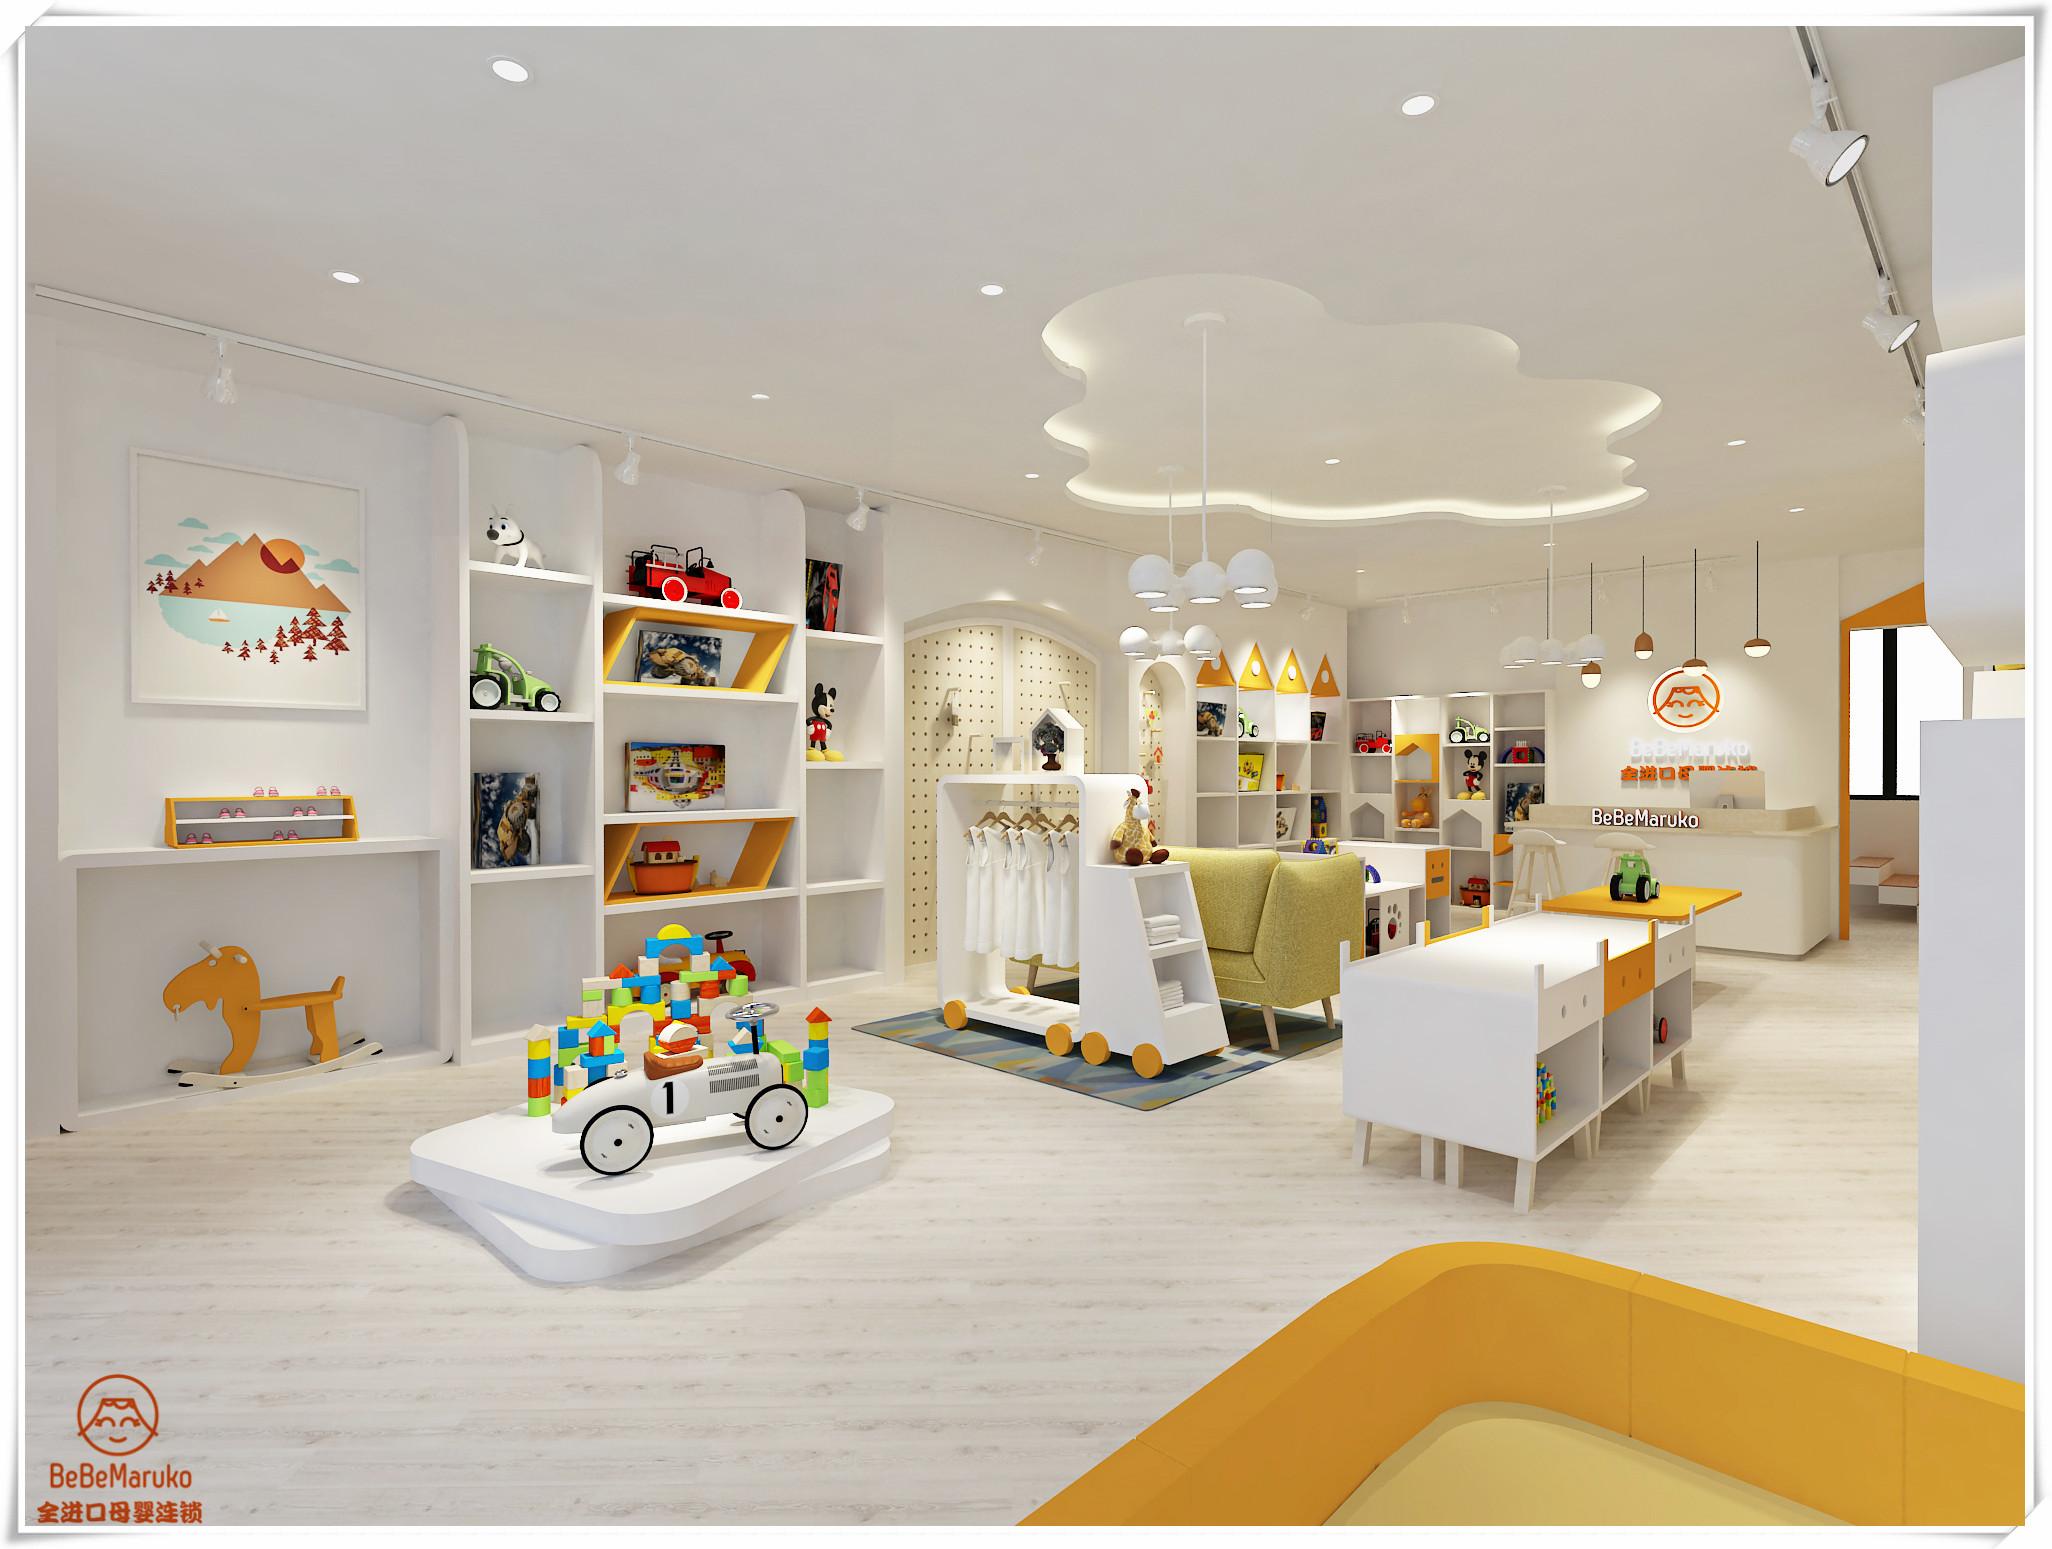 母婴店老板:对母婴品牌犹豫不决的时候最好办法是去看直营店